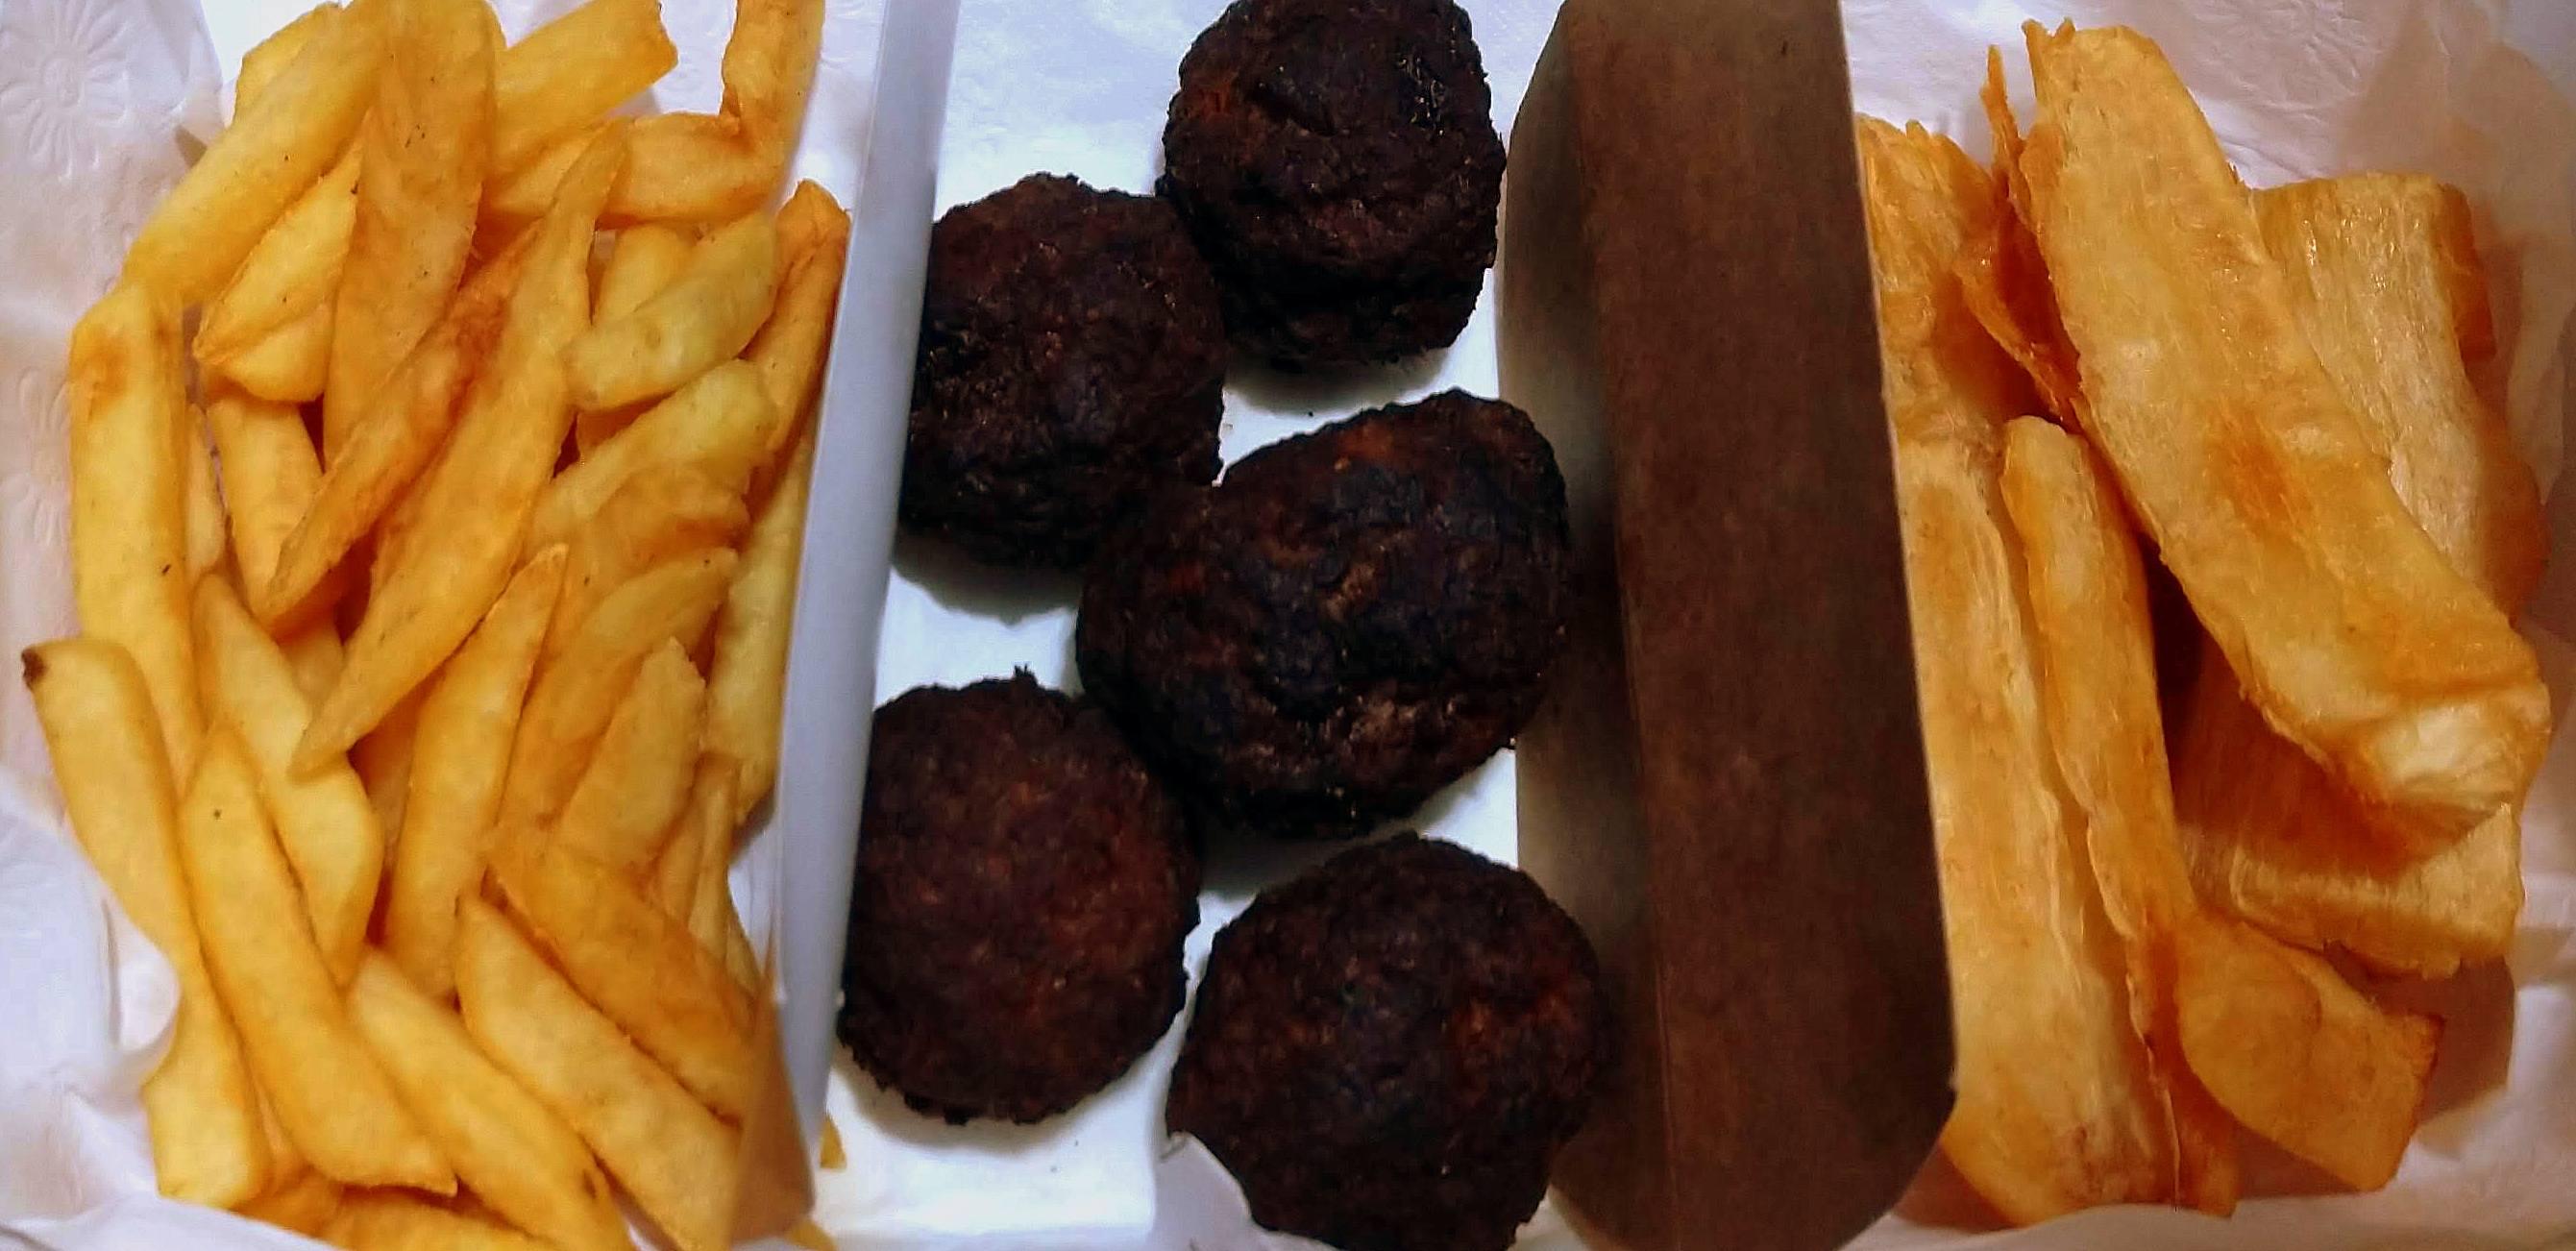 Batata frita, Bolinho de carne e Aipim frito, do Kit Boteco.